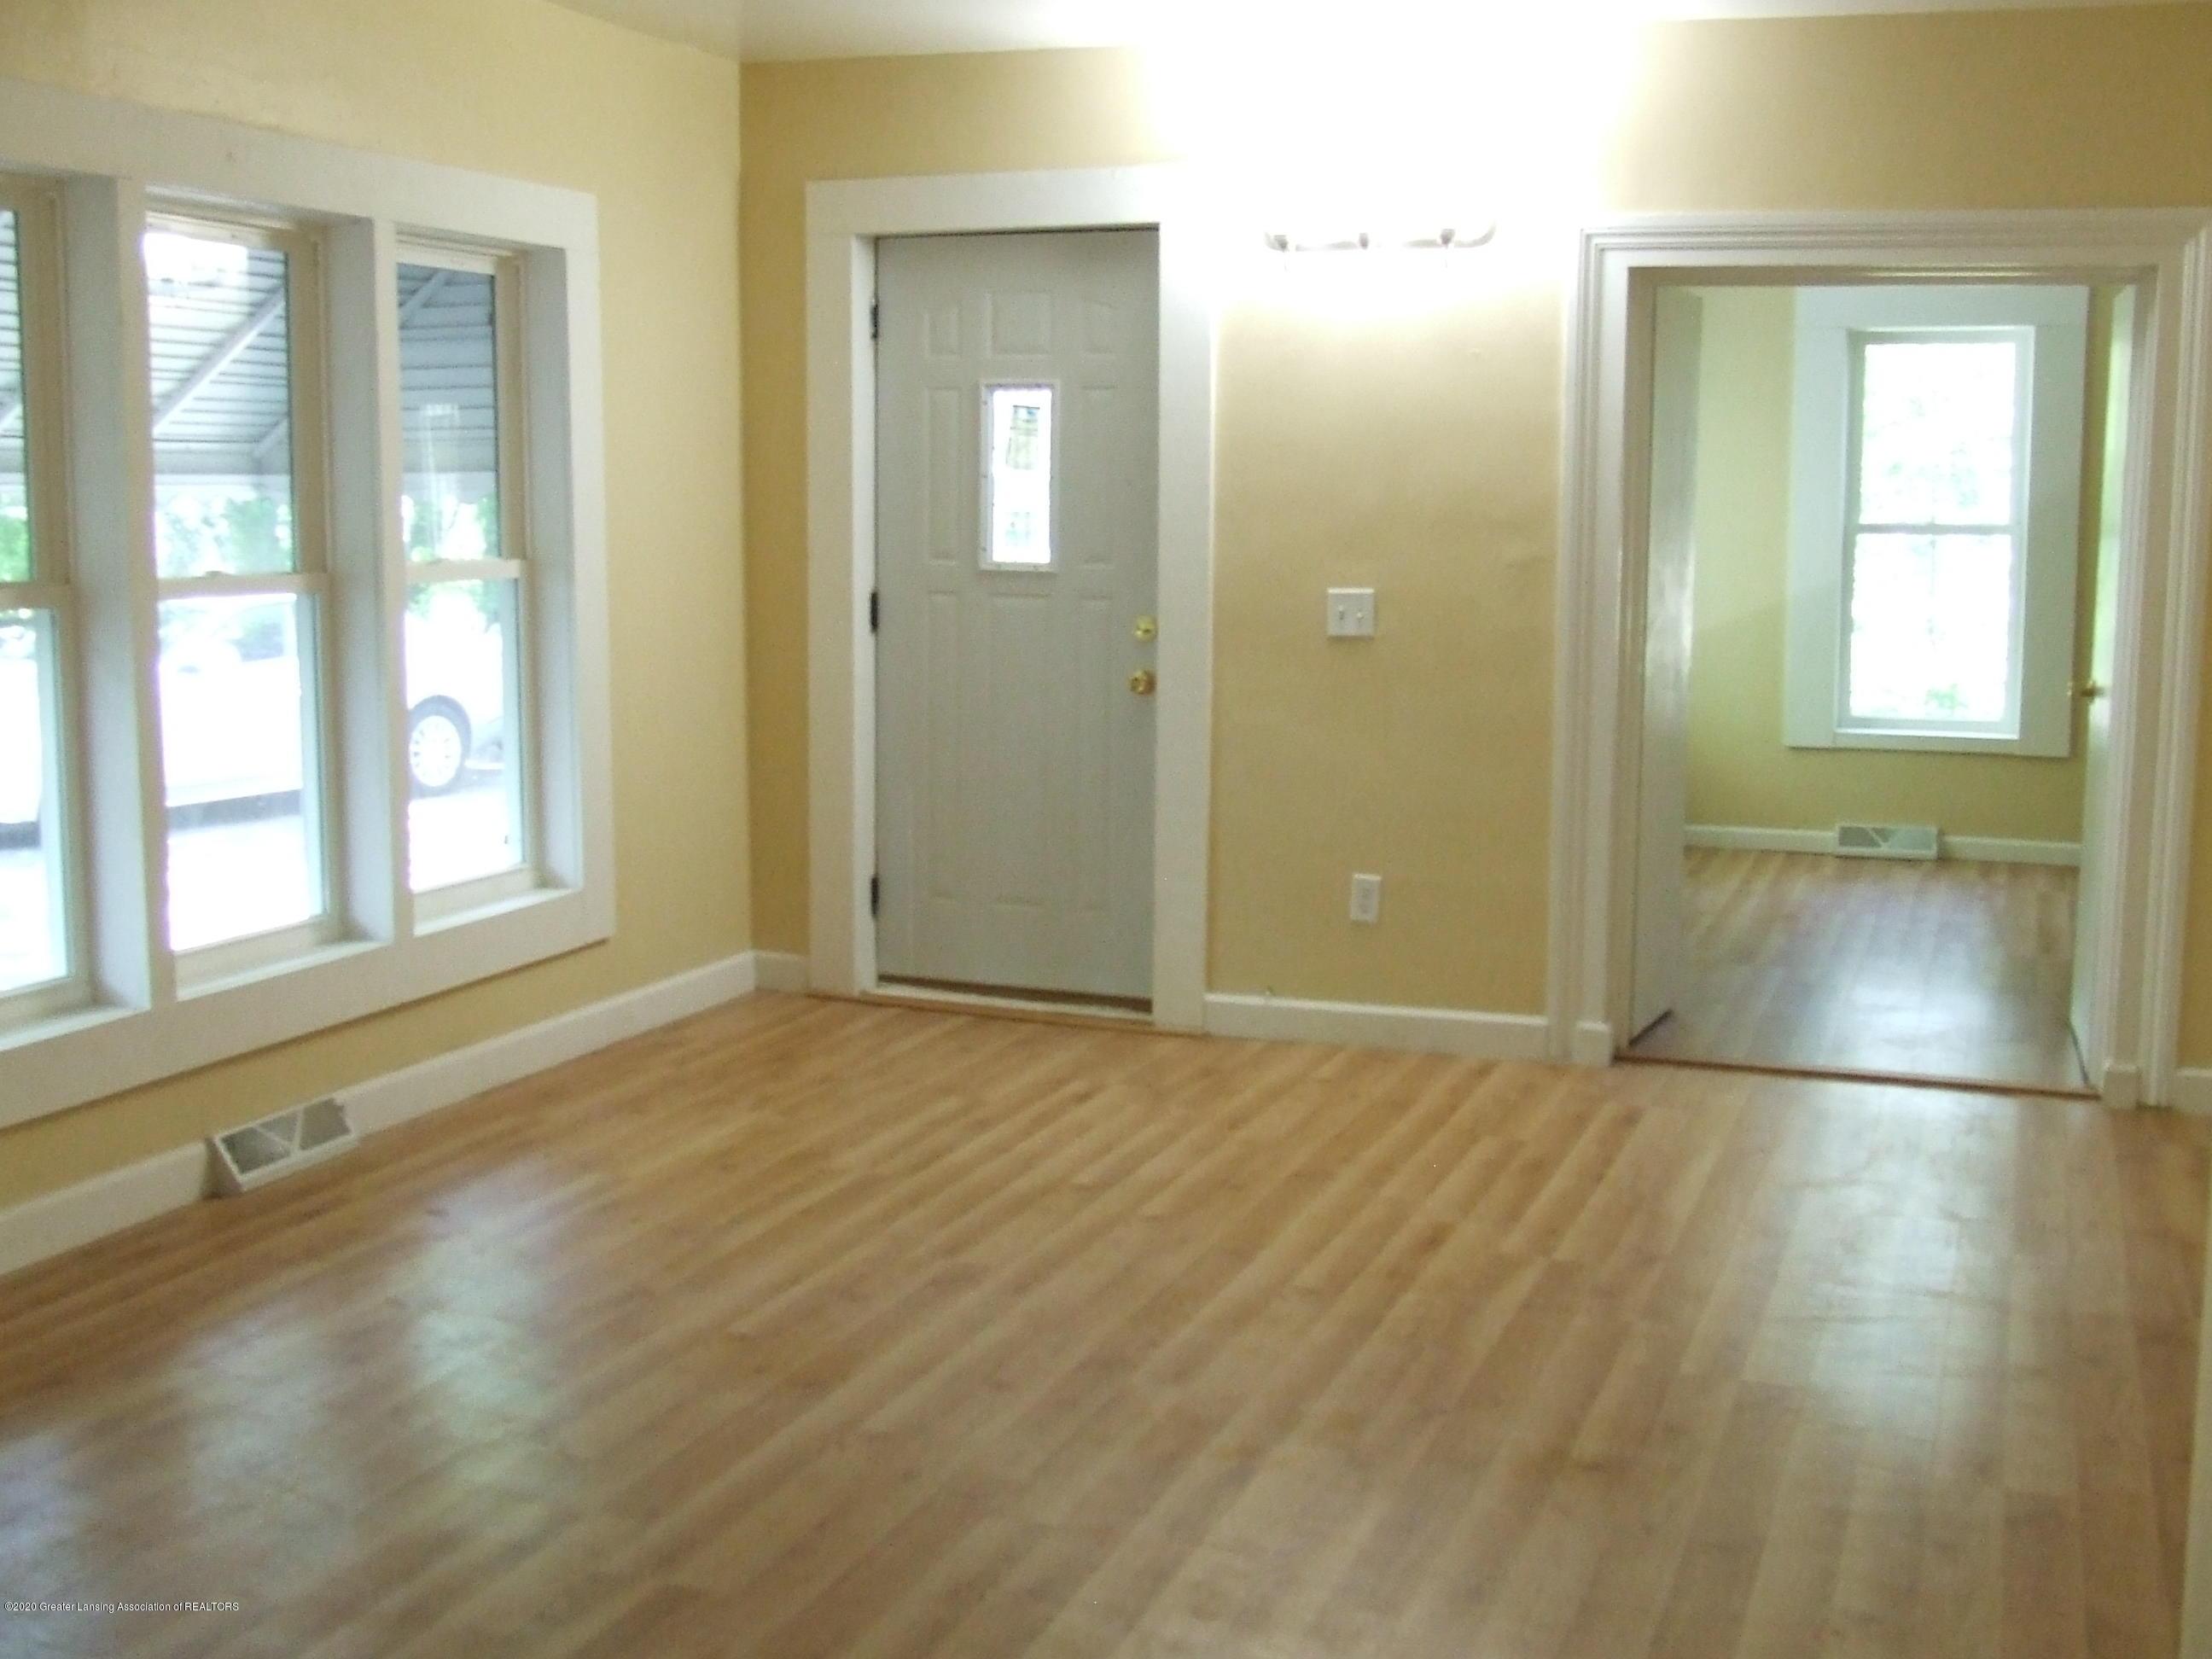 610 N Deerfield Ave - Living room - 5